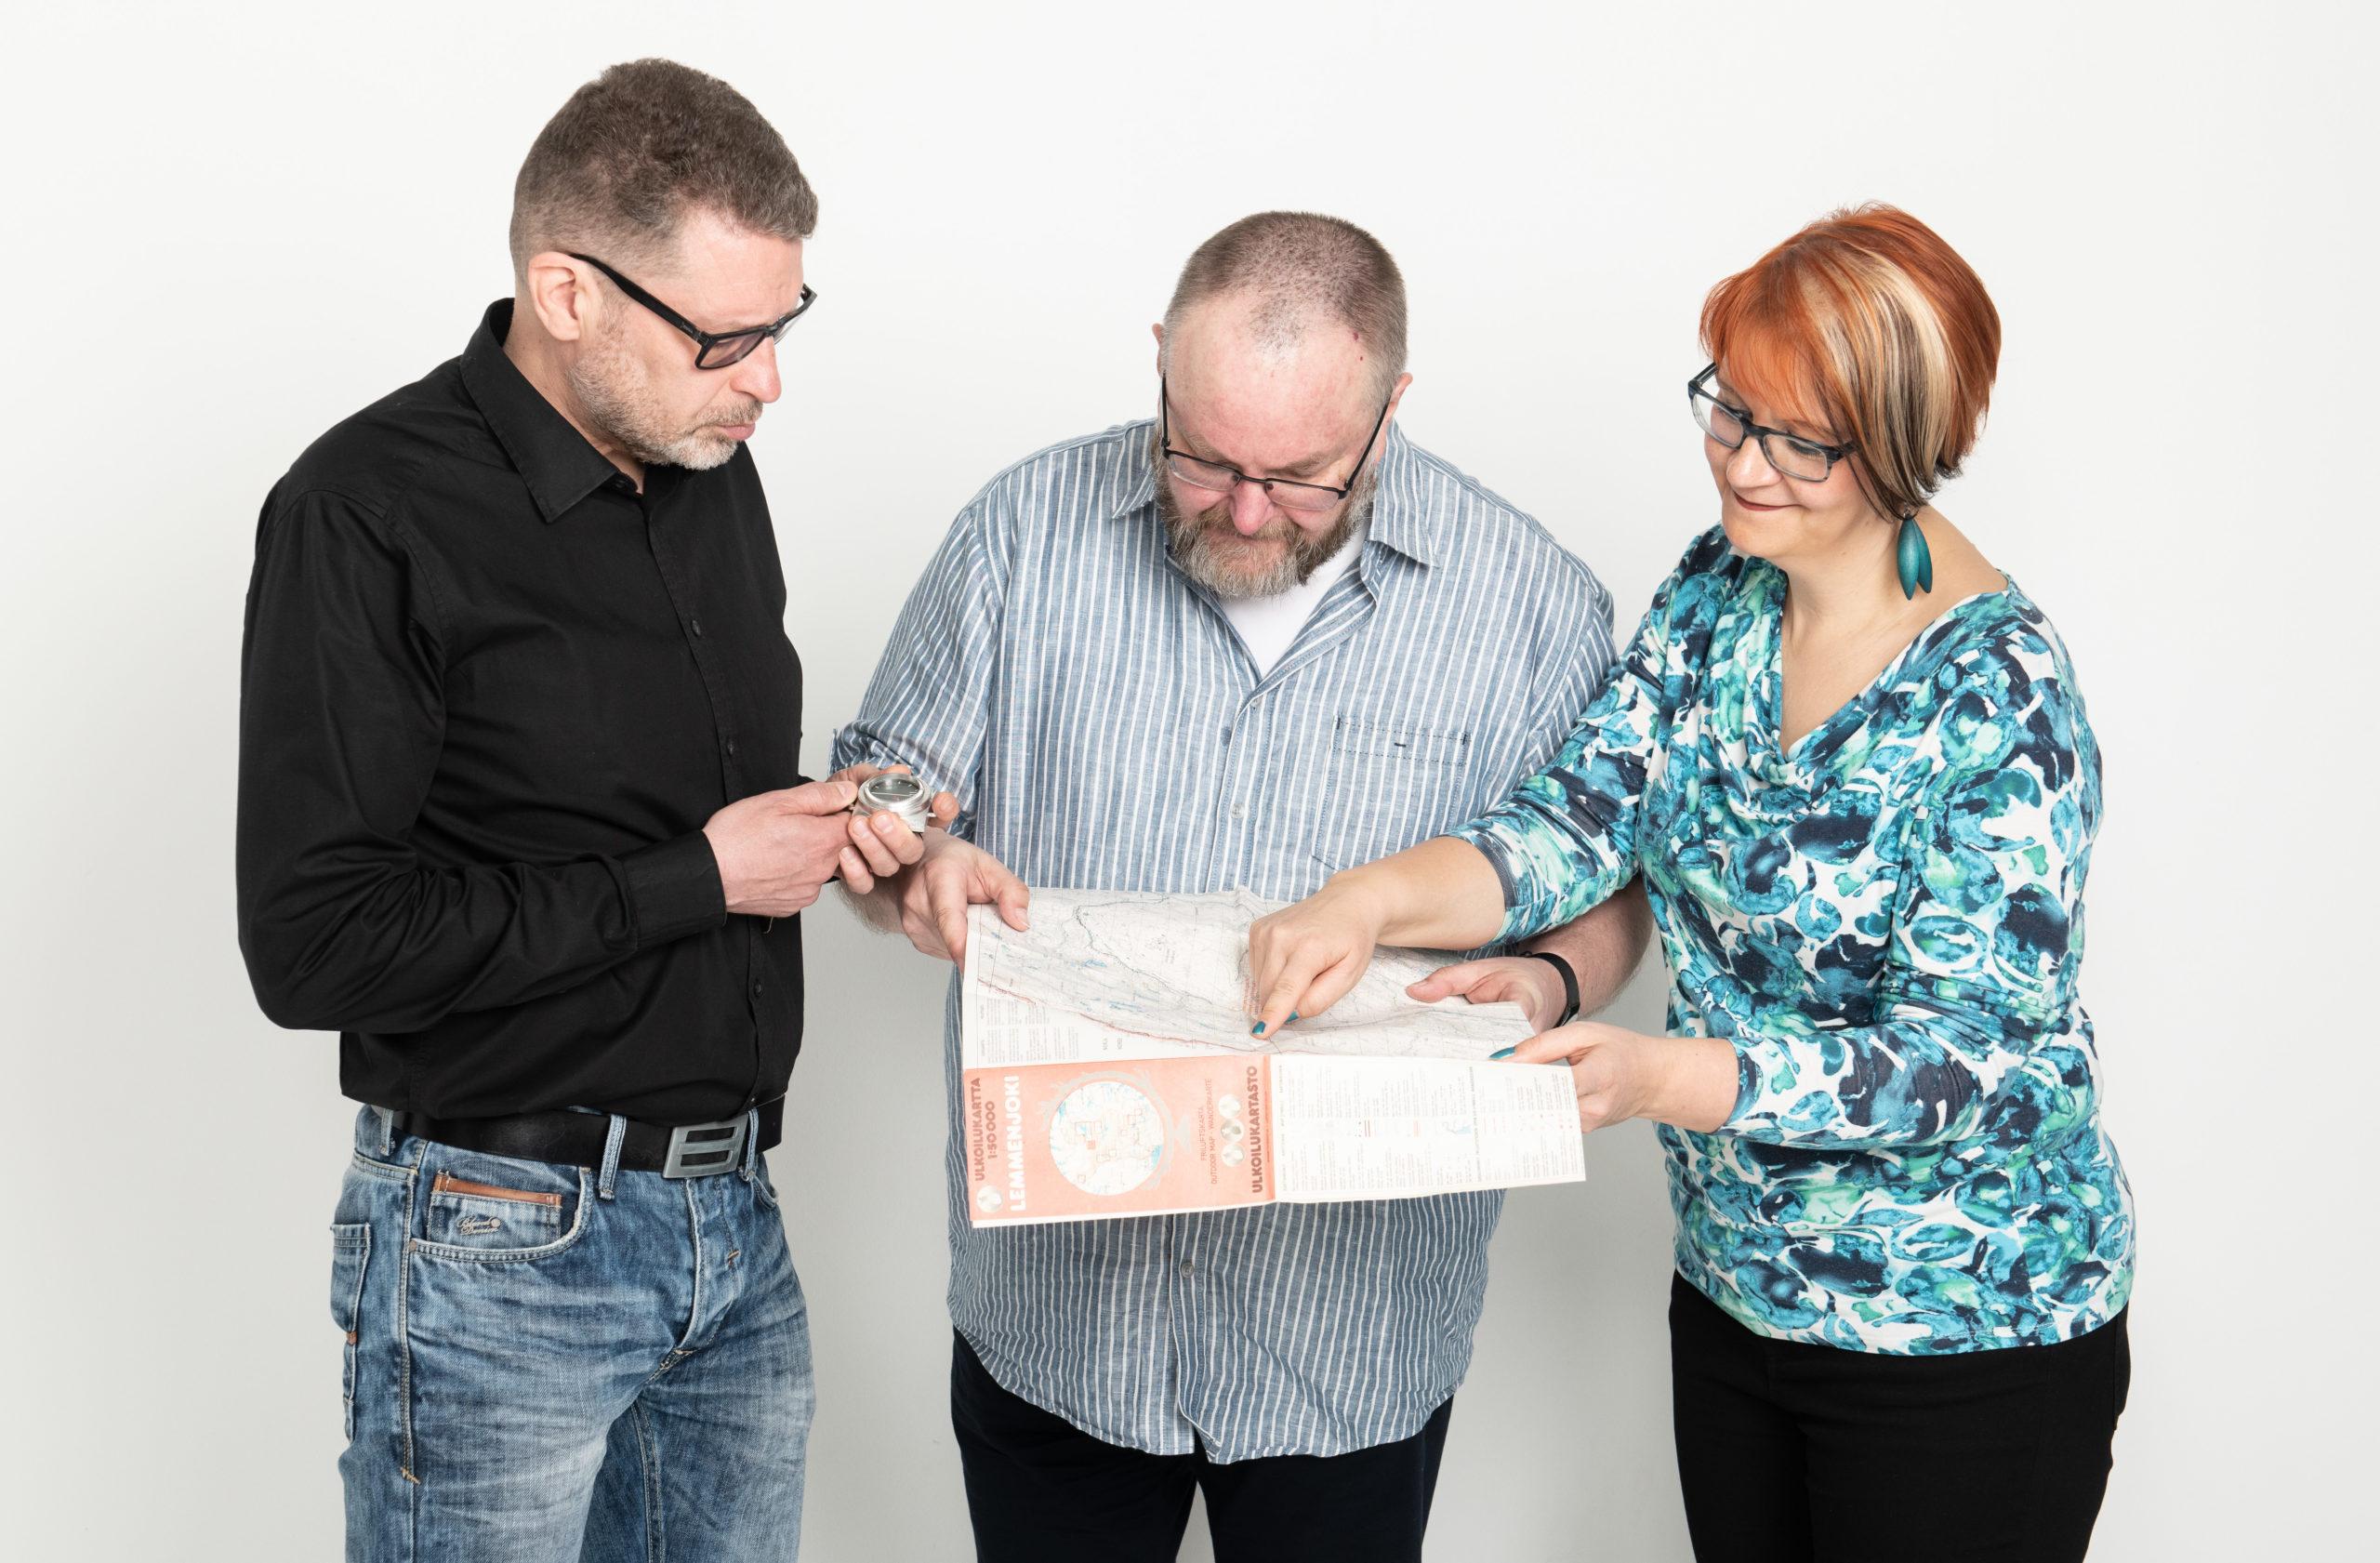 Kolme ihmistä tekee suunnitelmia ison paperin ympärillä.